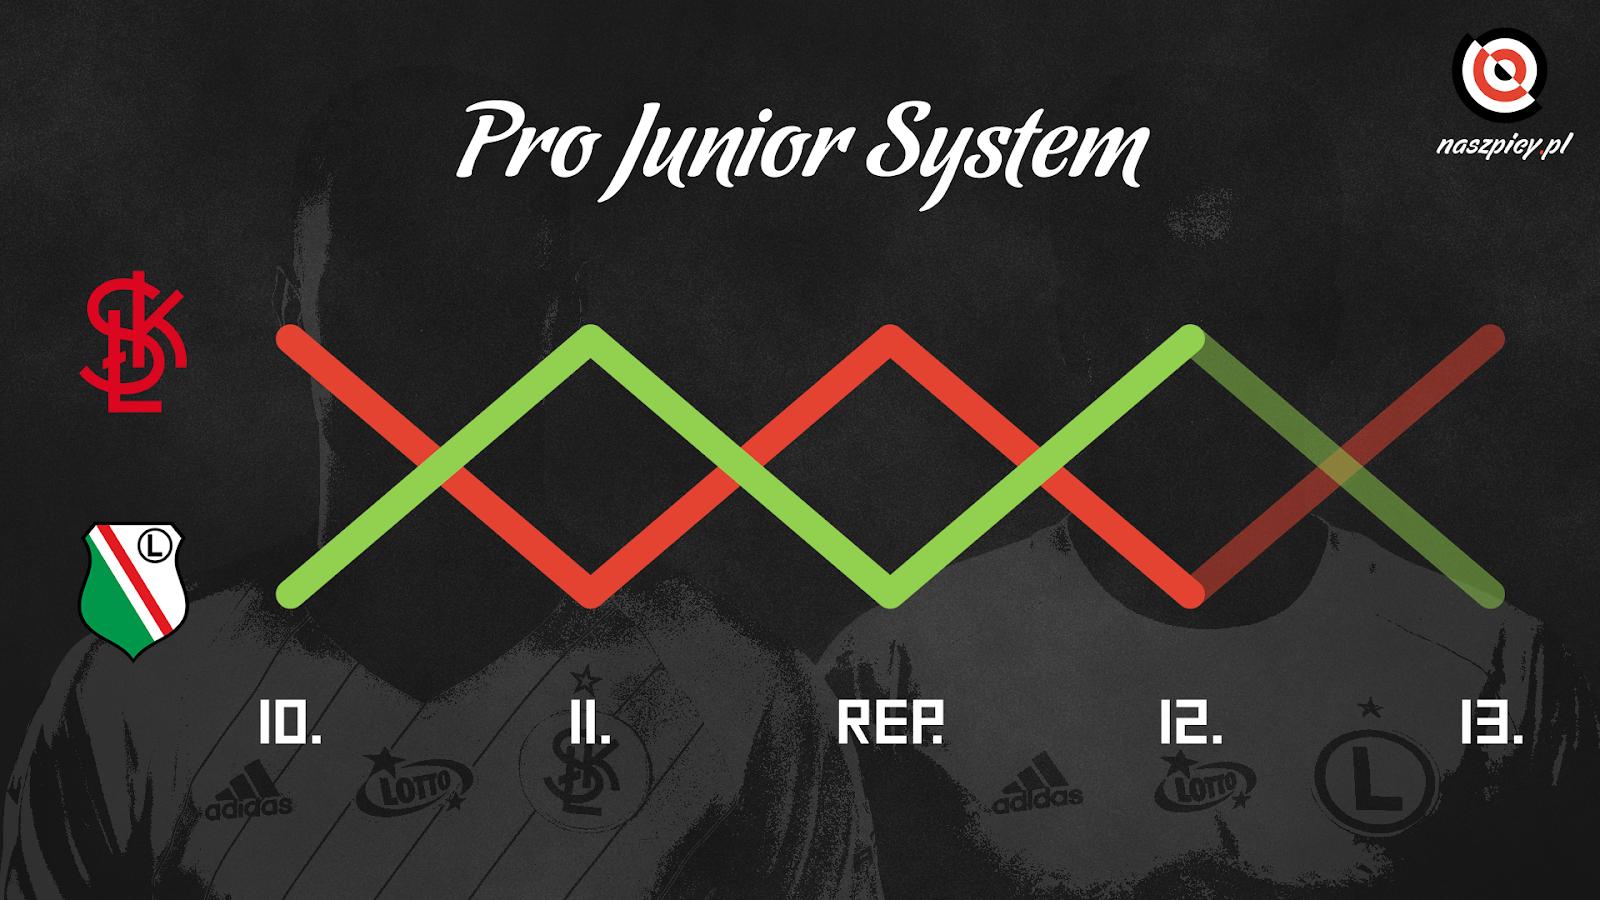 Legia Warszawa i ŁKS Łódź idą łeb w łeb w klasyfikacji Pro Junior System<br><br>fot. legia.com / lkslodz.pl<br><br>graf. Bartosz Urban